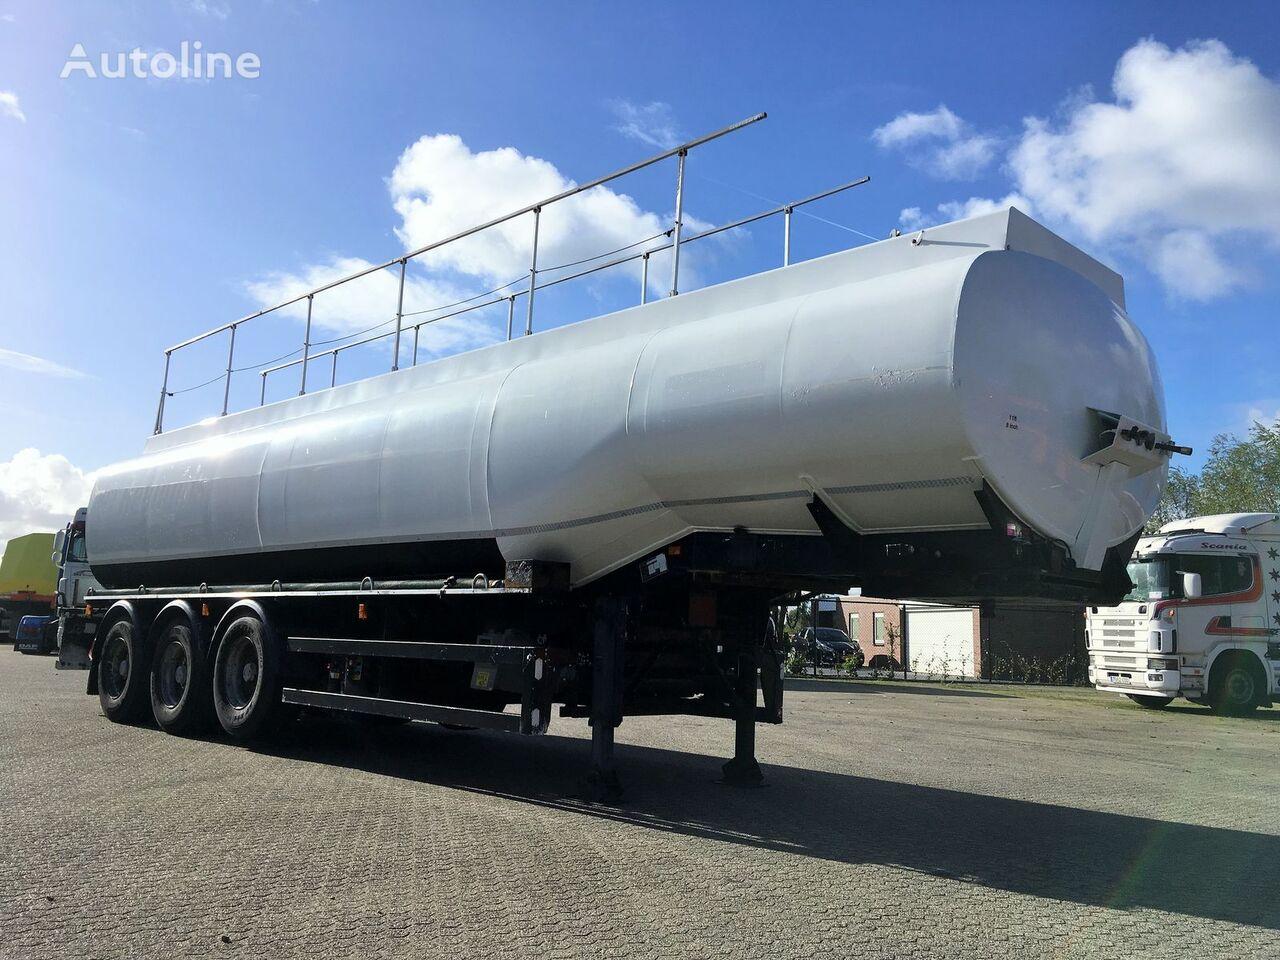 FRUEHAUF ADR 36.000ltr LGBF Diesel-Benzine Tankwagen für Heizöl und Diesel